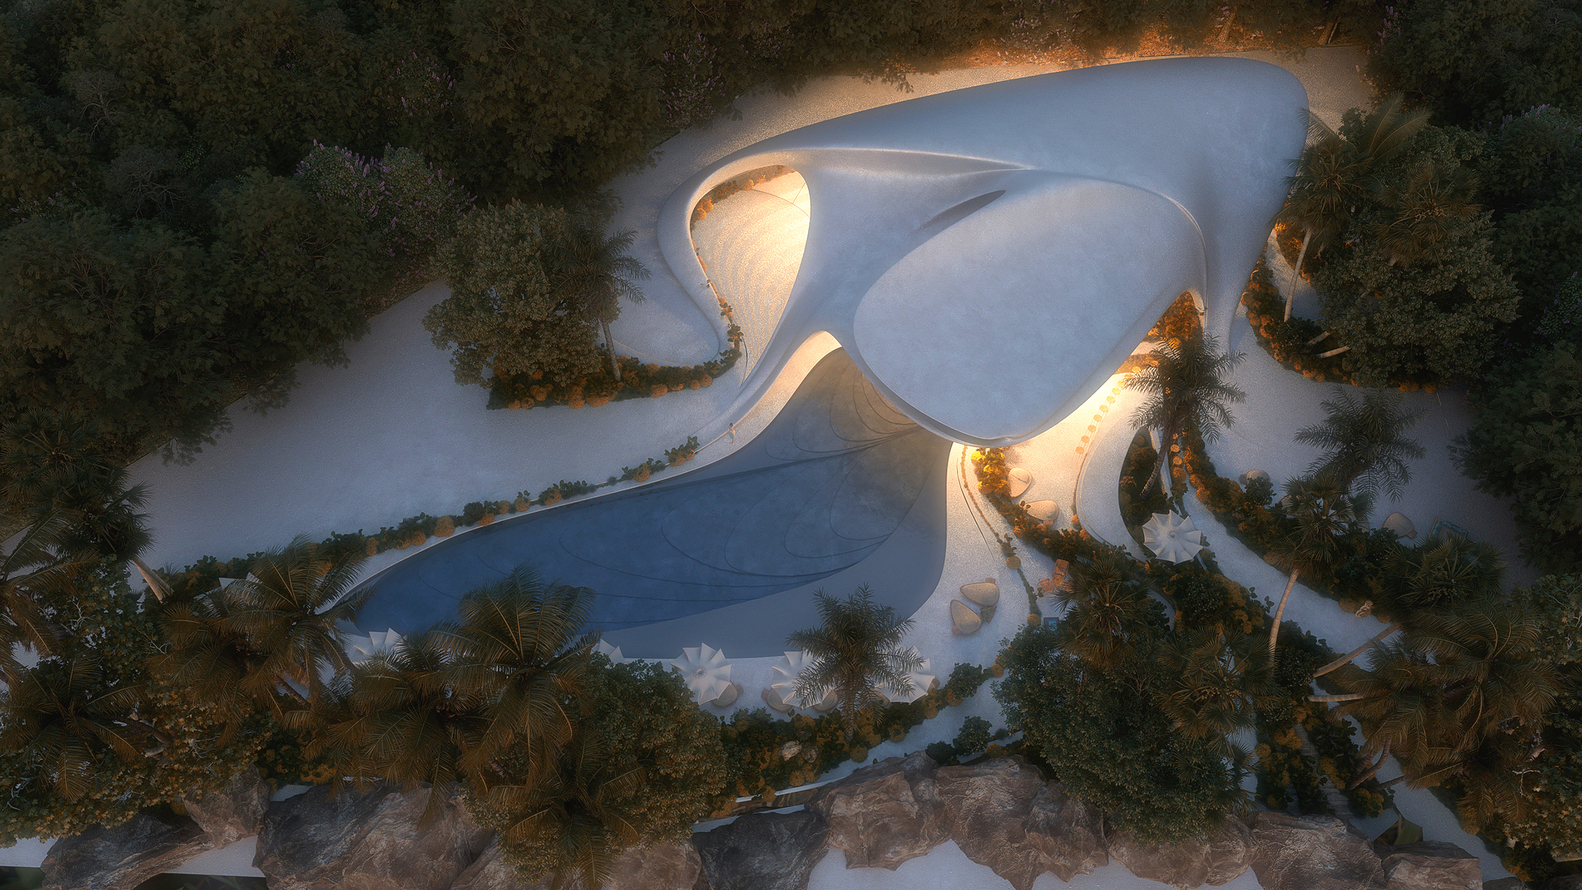 از طراحی ویلای خاص در دریای اژه تا طراحی ساختمان در نروژ: 12 پروژه ساخته نشده